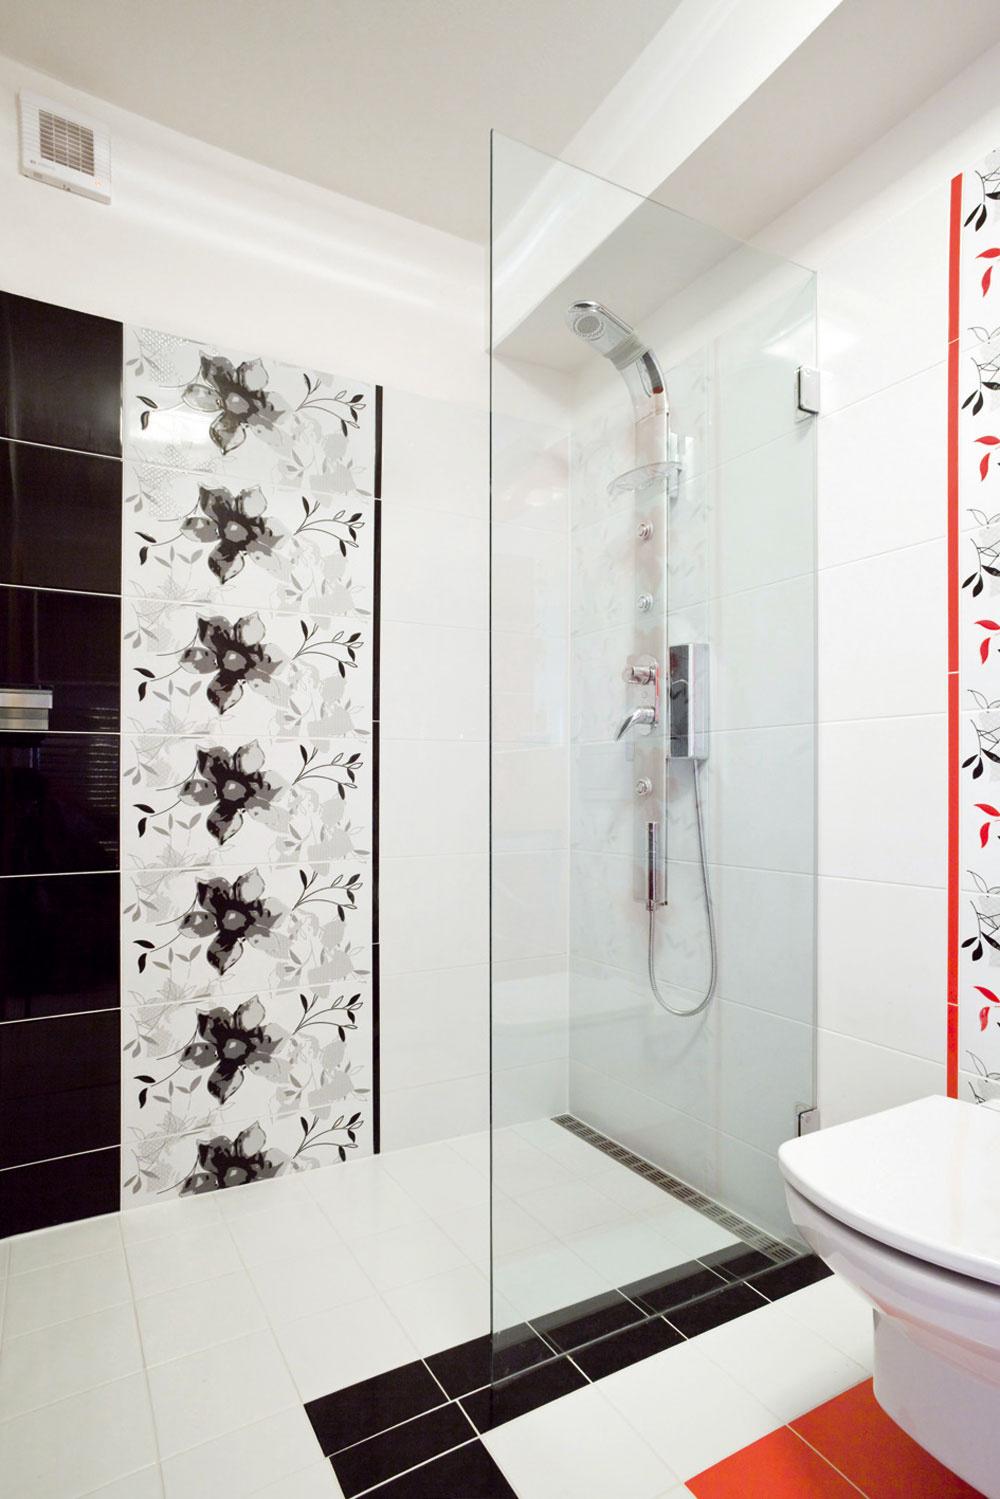 Len náznak oddelenia sprchovacieho kúta od toalety vnesie do kúpeľne čisté apresné línie.